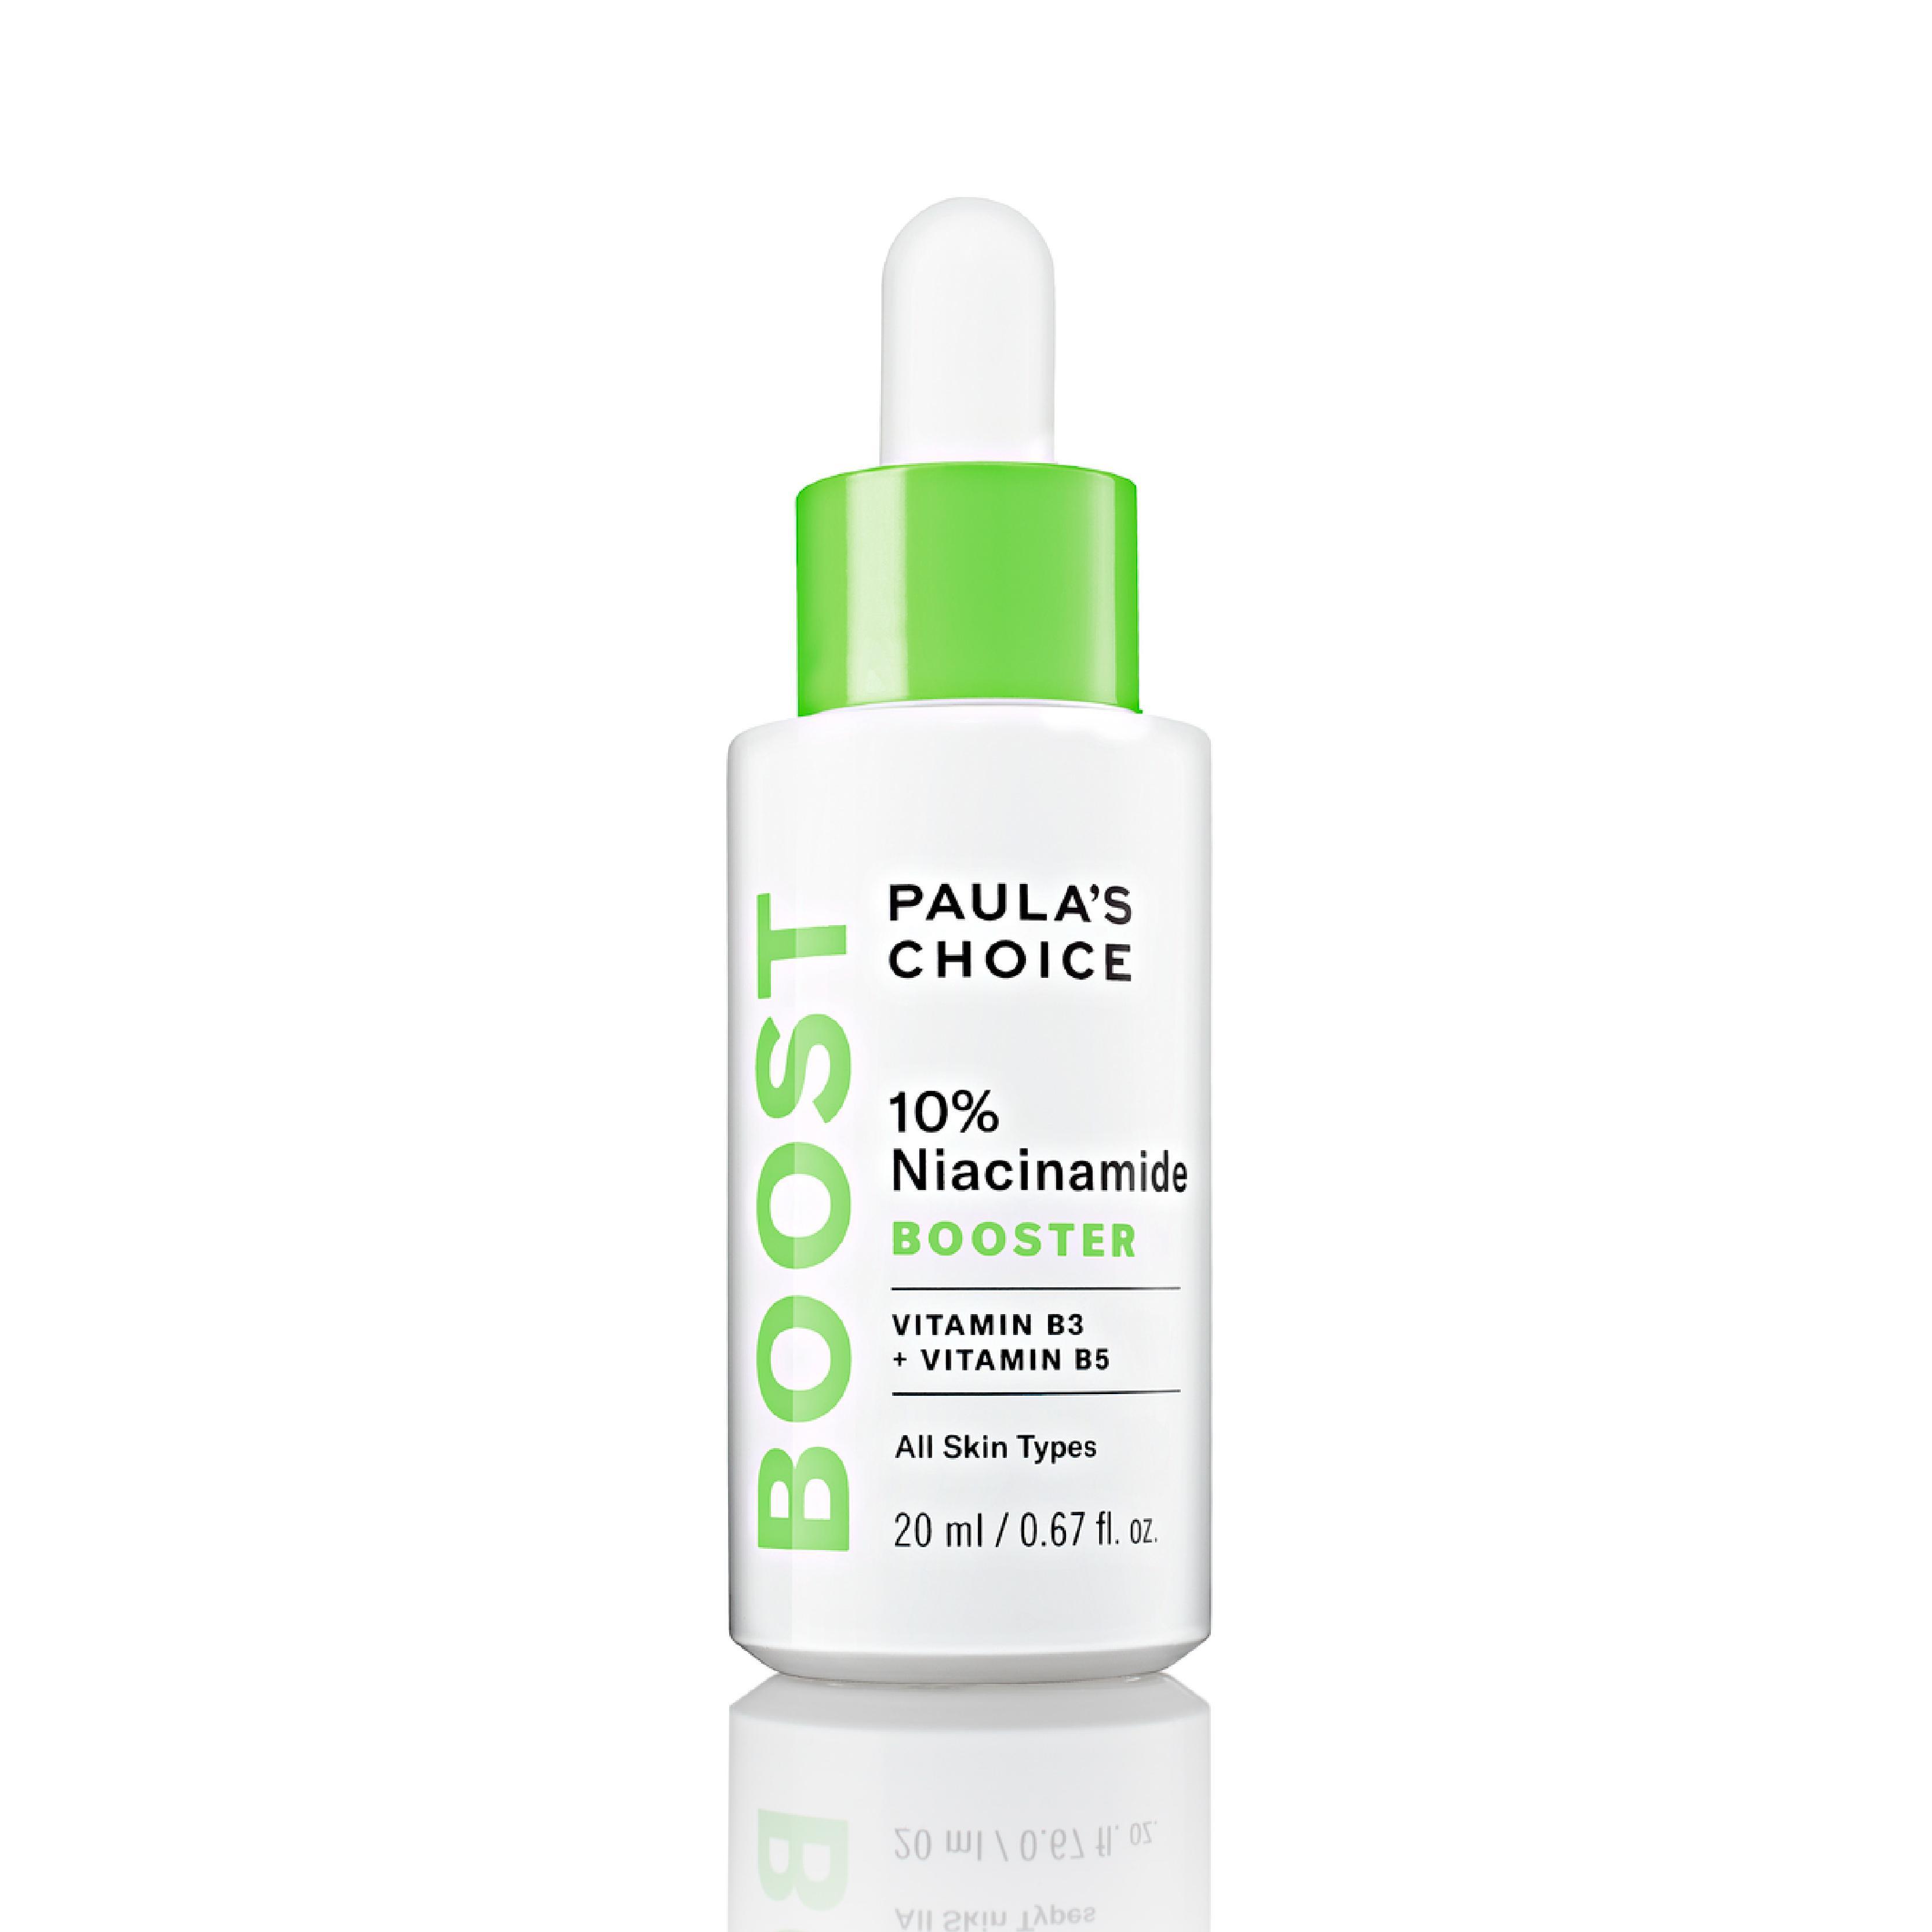 [Pre-Sale] Tinh chất thu nhỏ lỗ chân lông Paulas Choice 10% Niacinamide Booster 20ml nhập khẩu